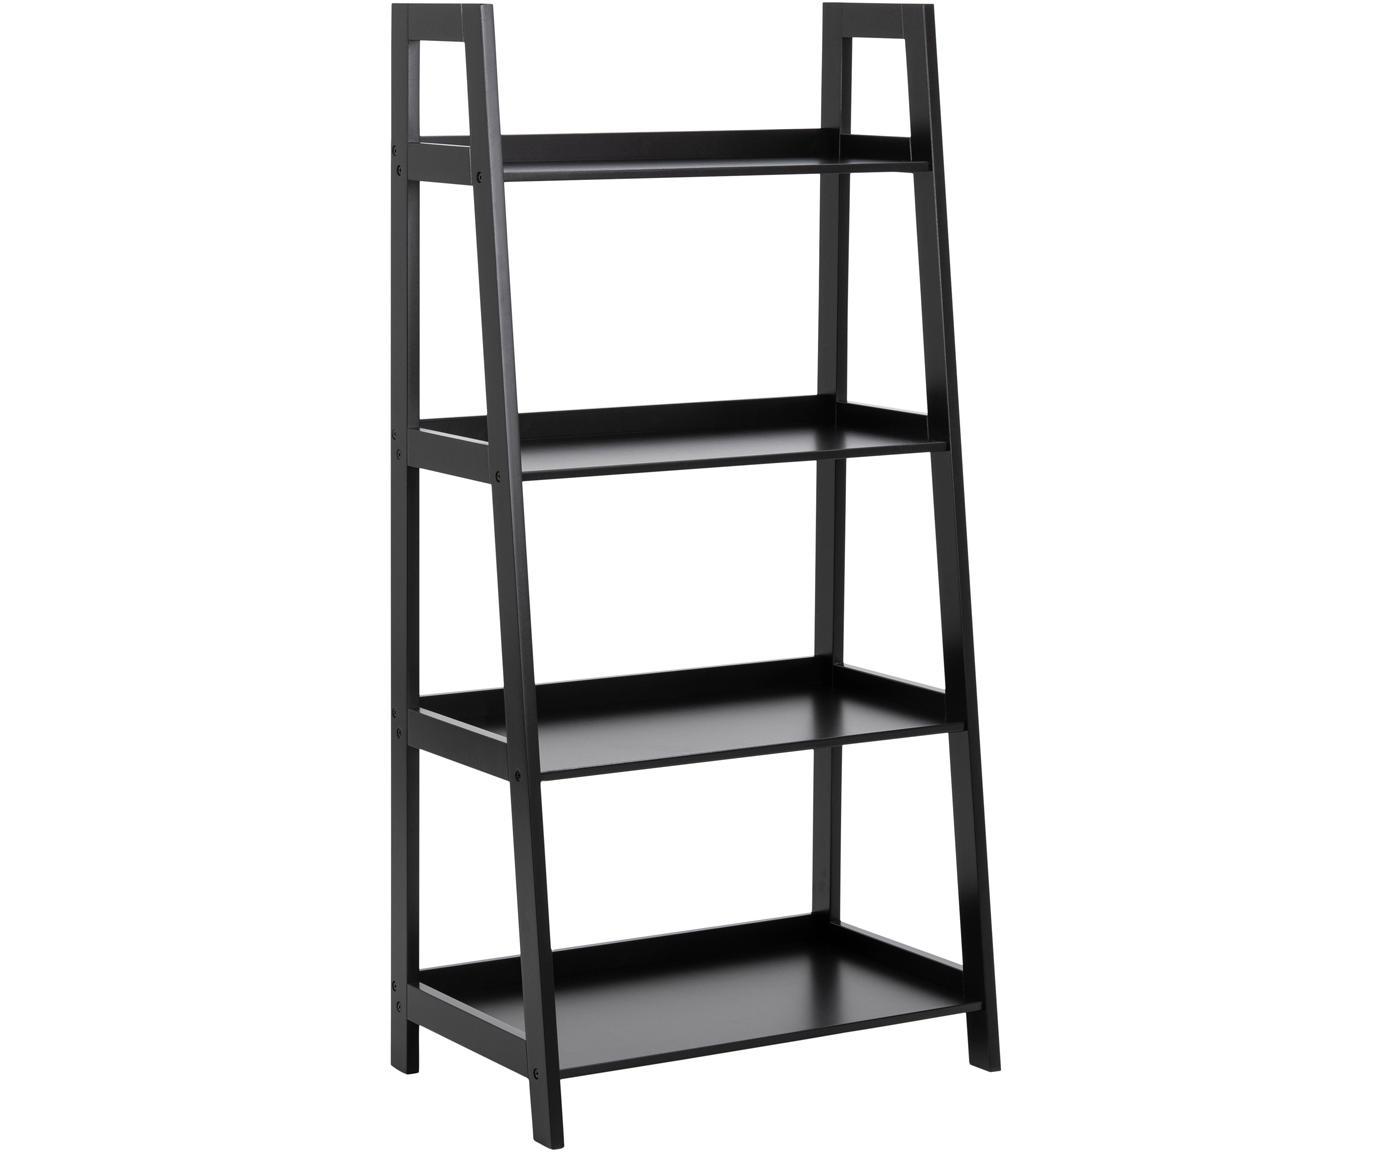 Ladder wandkast Wally in zwart, Gelakt MDF, Zwart, B 63 cm